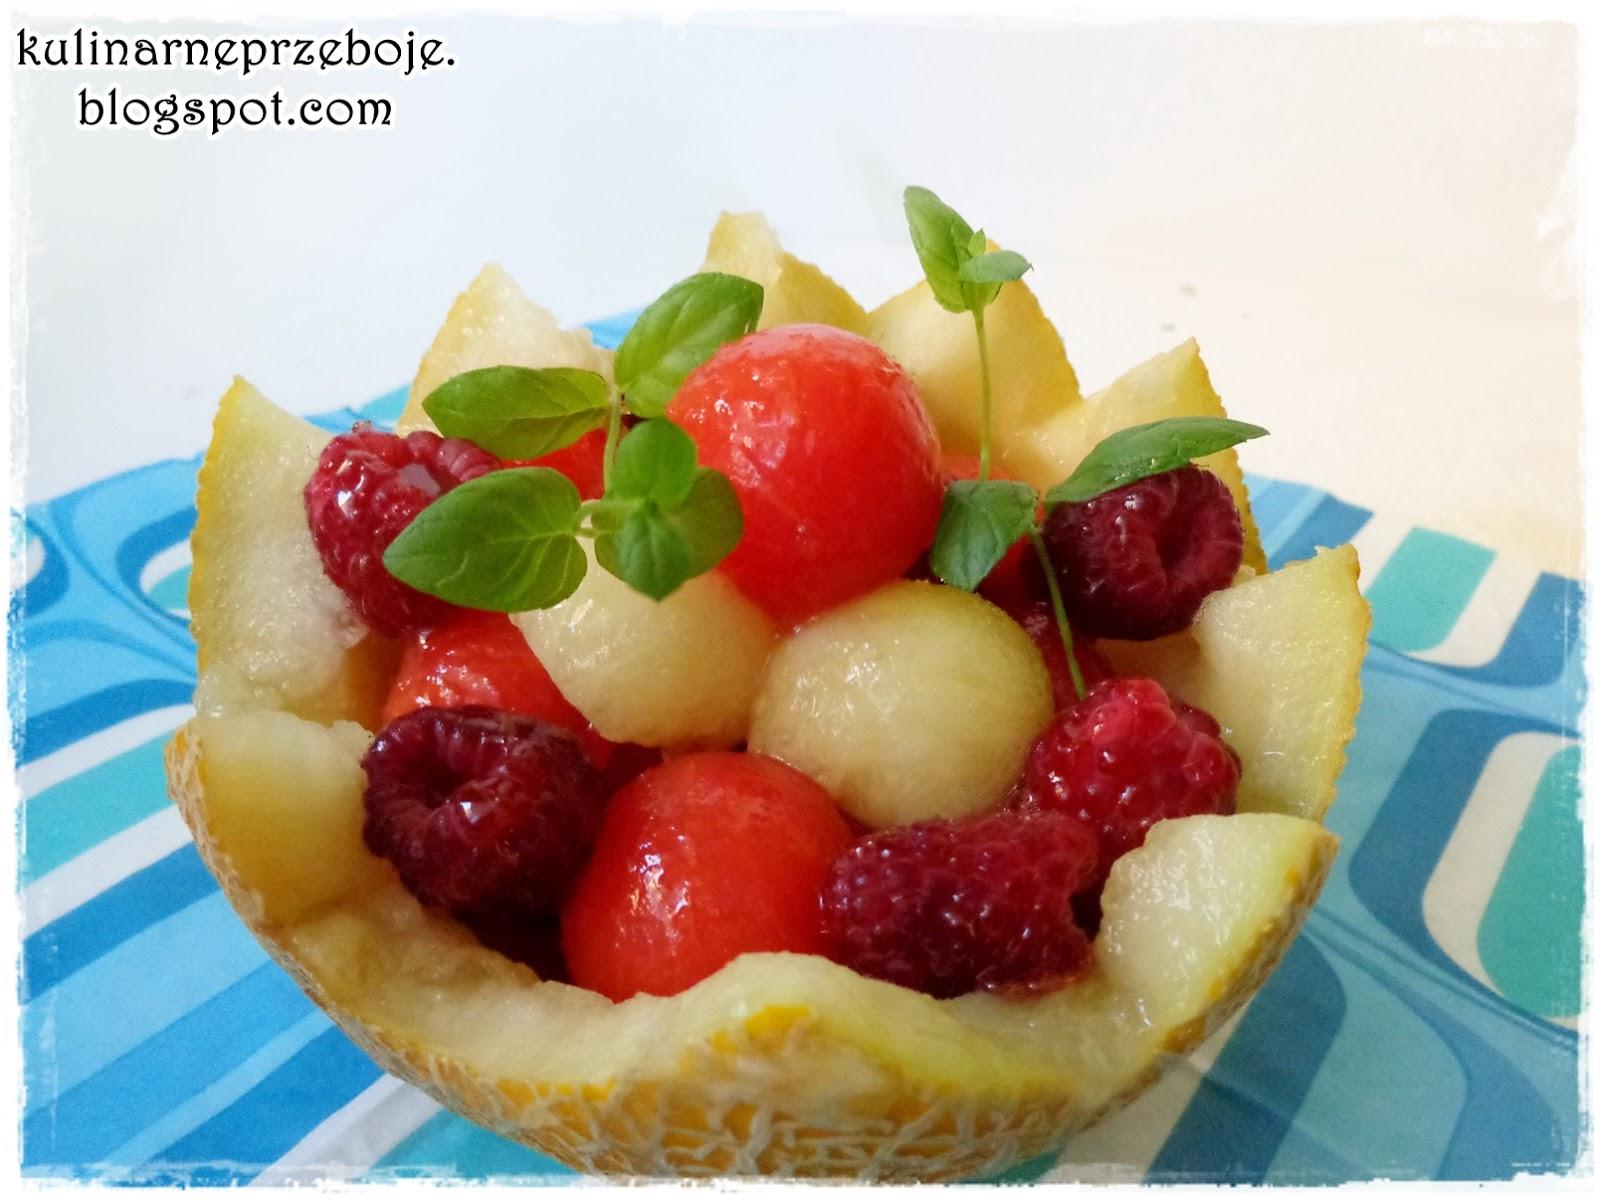 Sałatka owocowa z melonem, arbuzem i malinami